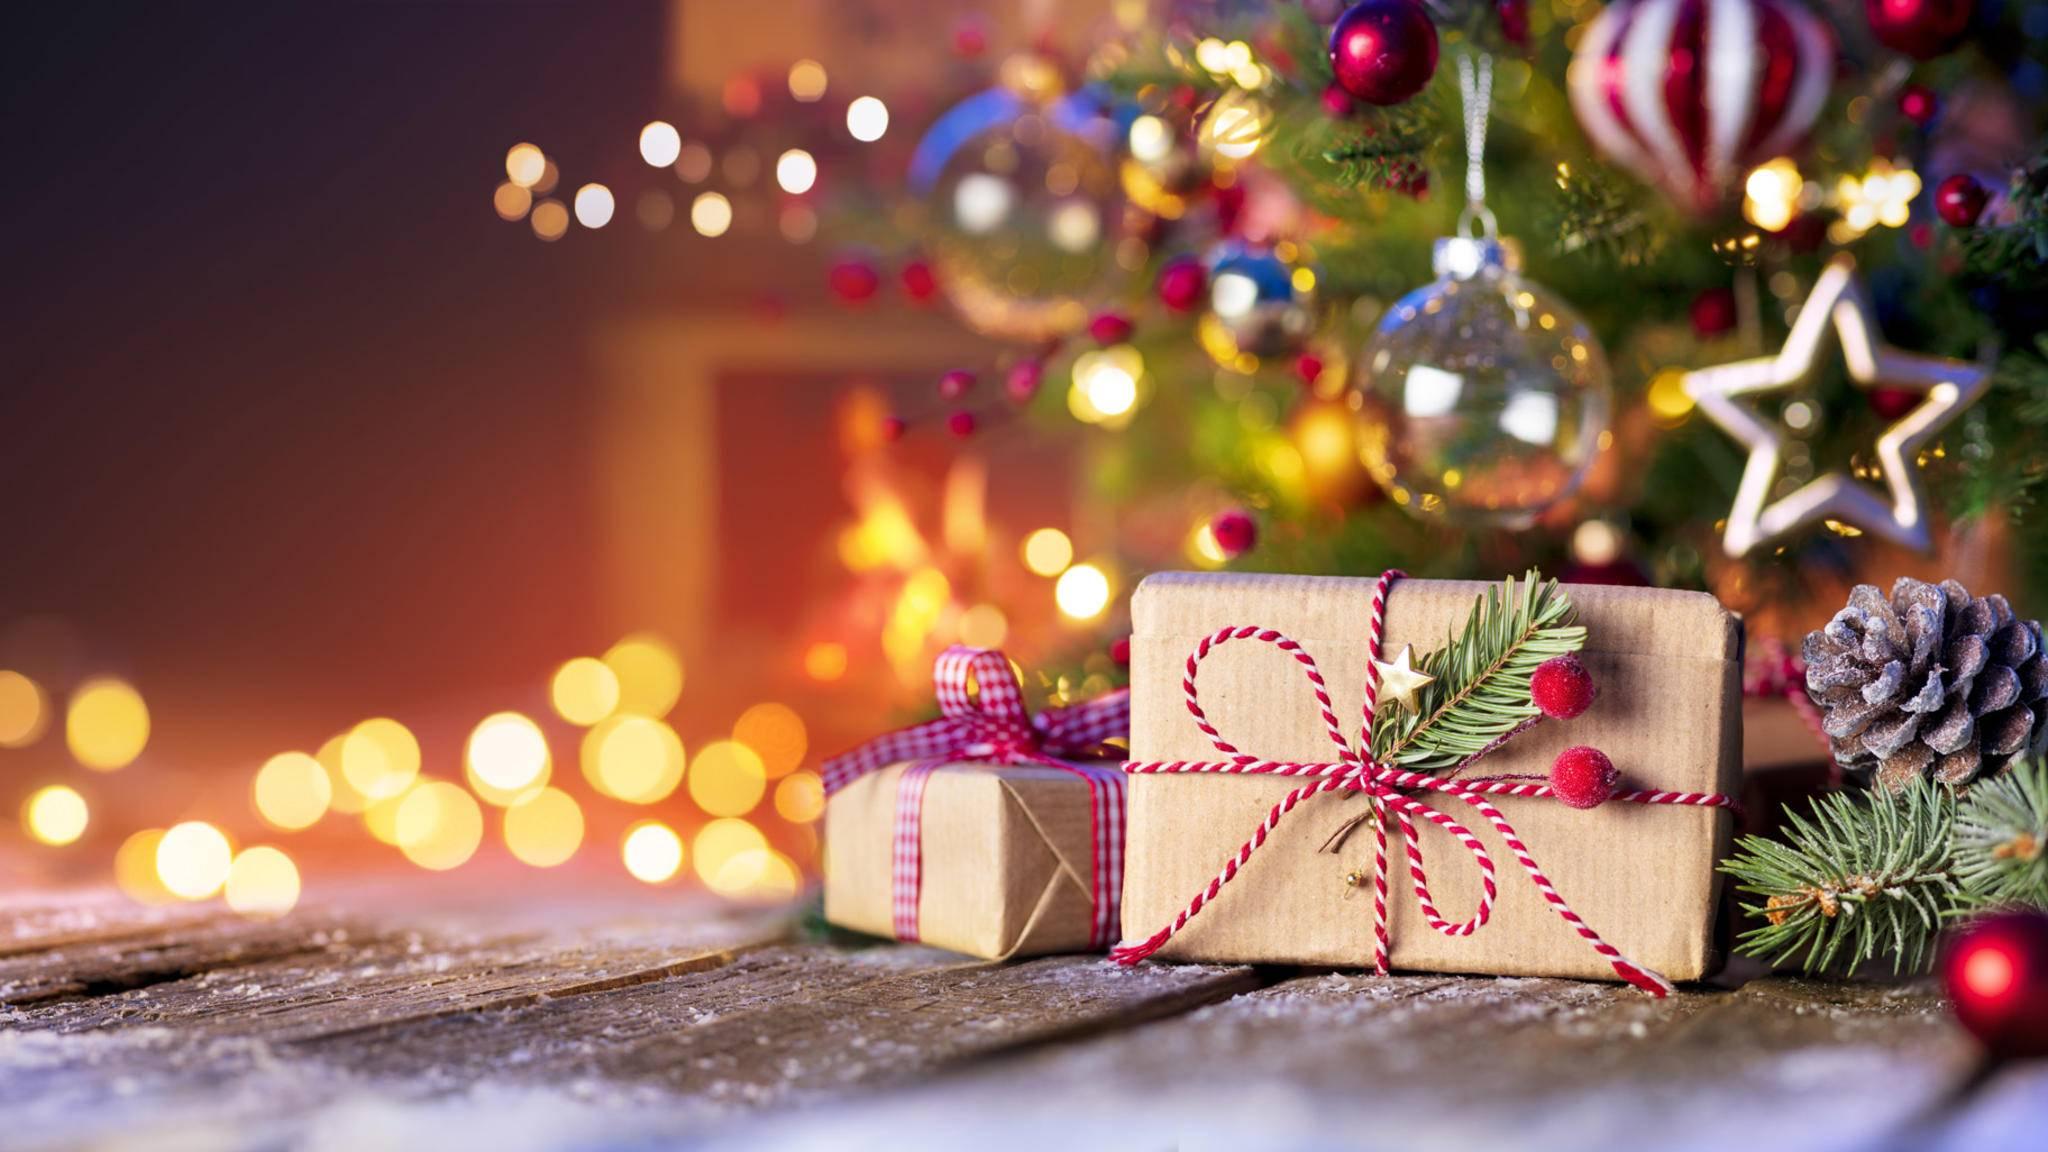 weihnachten-geschenke